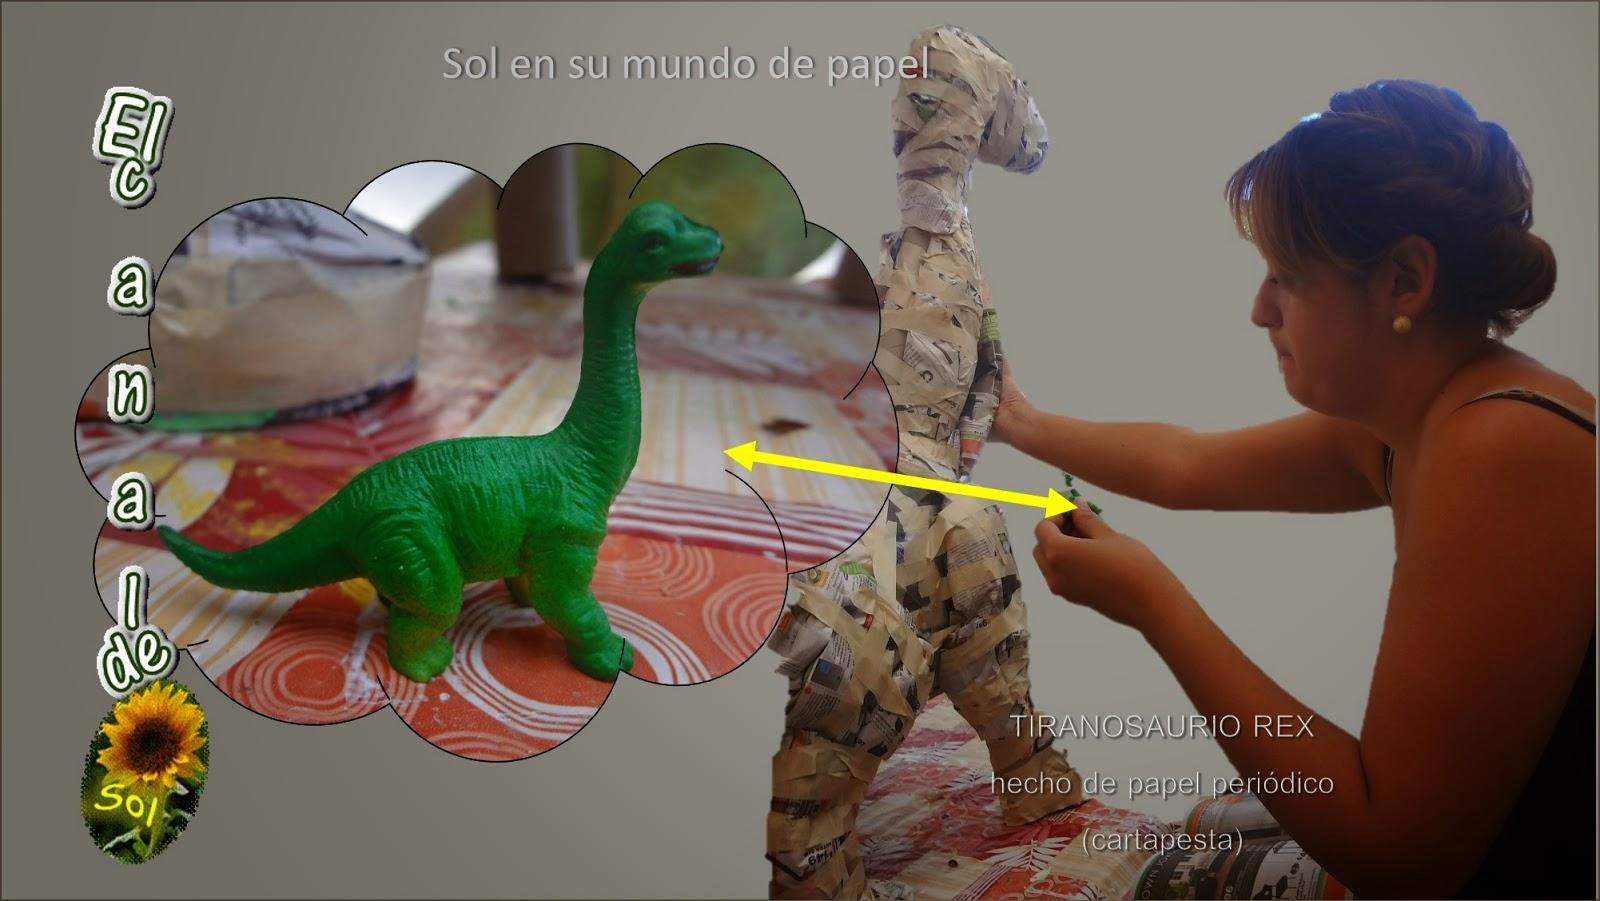 Tiranosaurio Rex Hecho De Papel Periódico Cartapesta